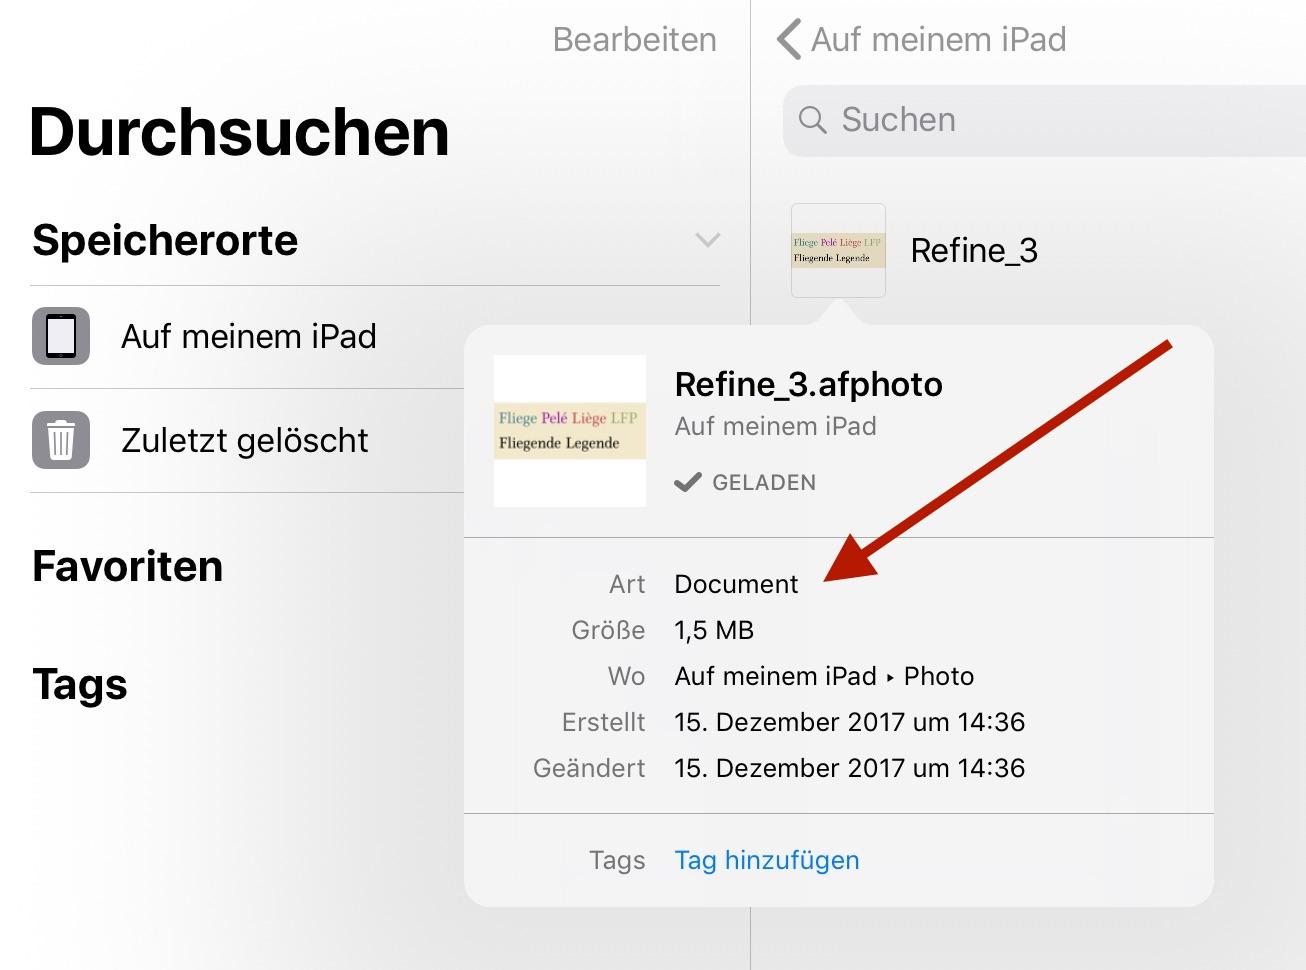 affinity photo ipad documentation